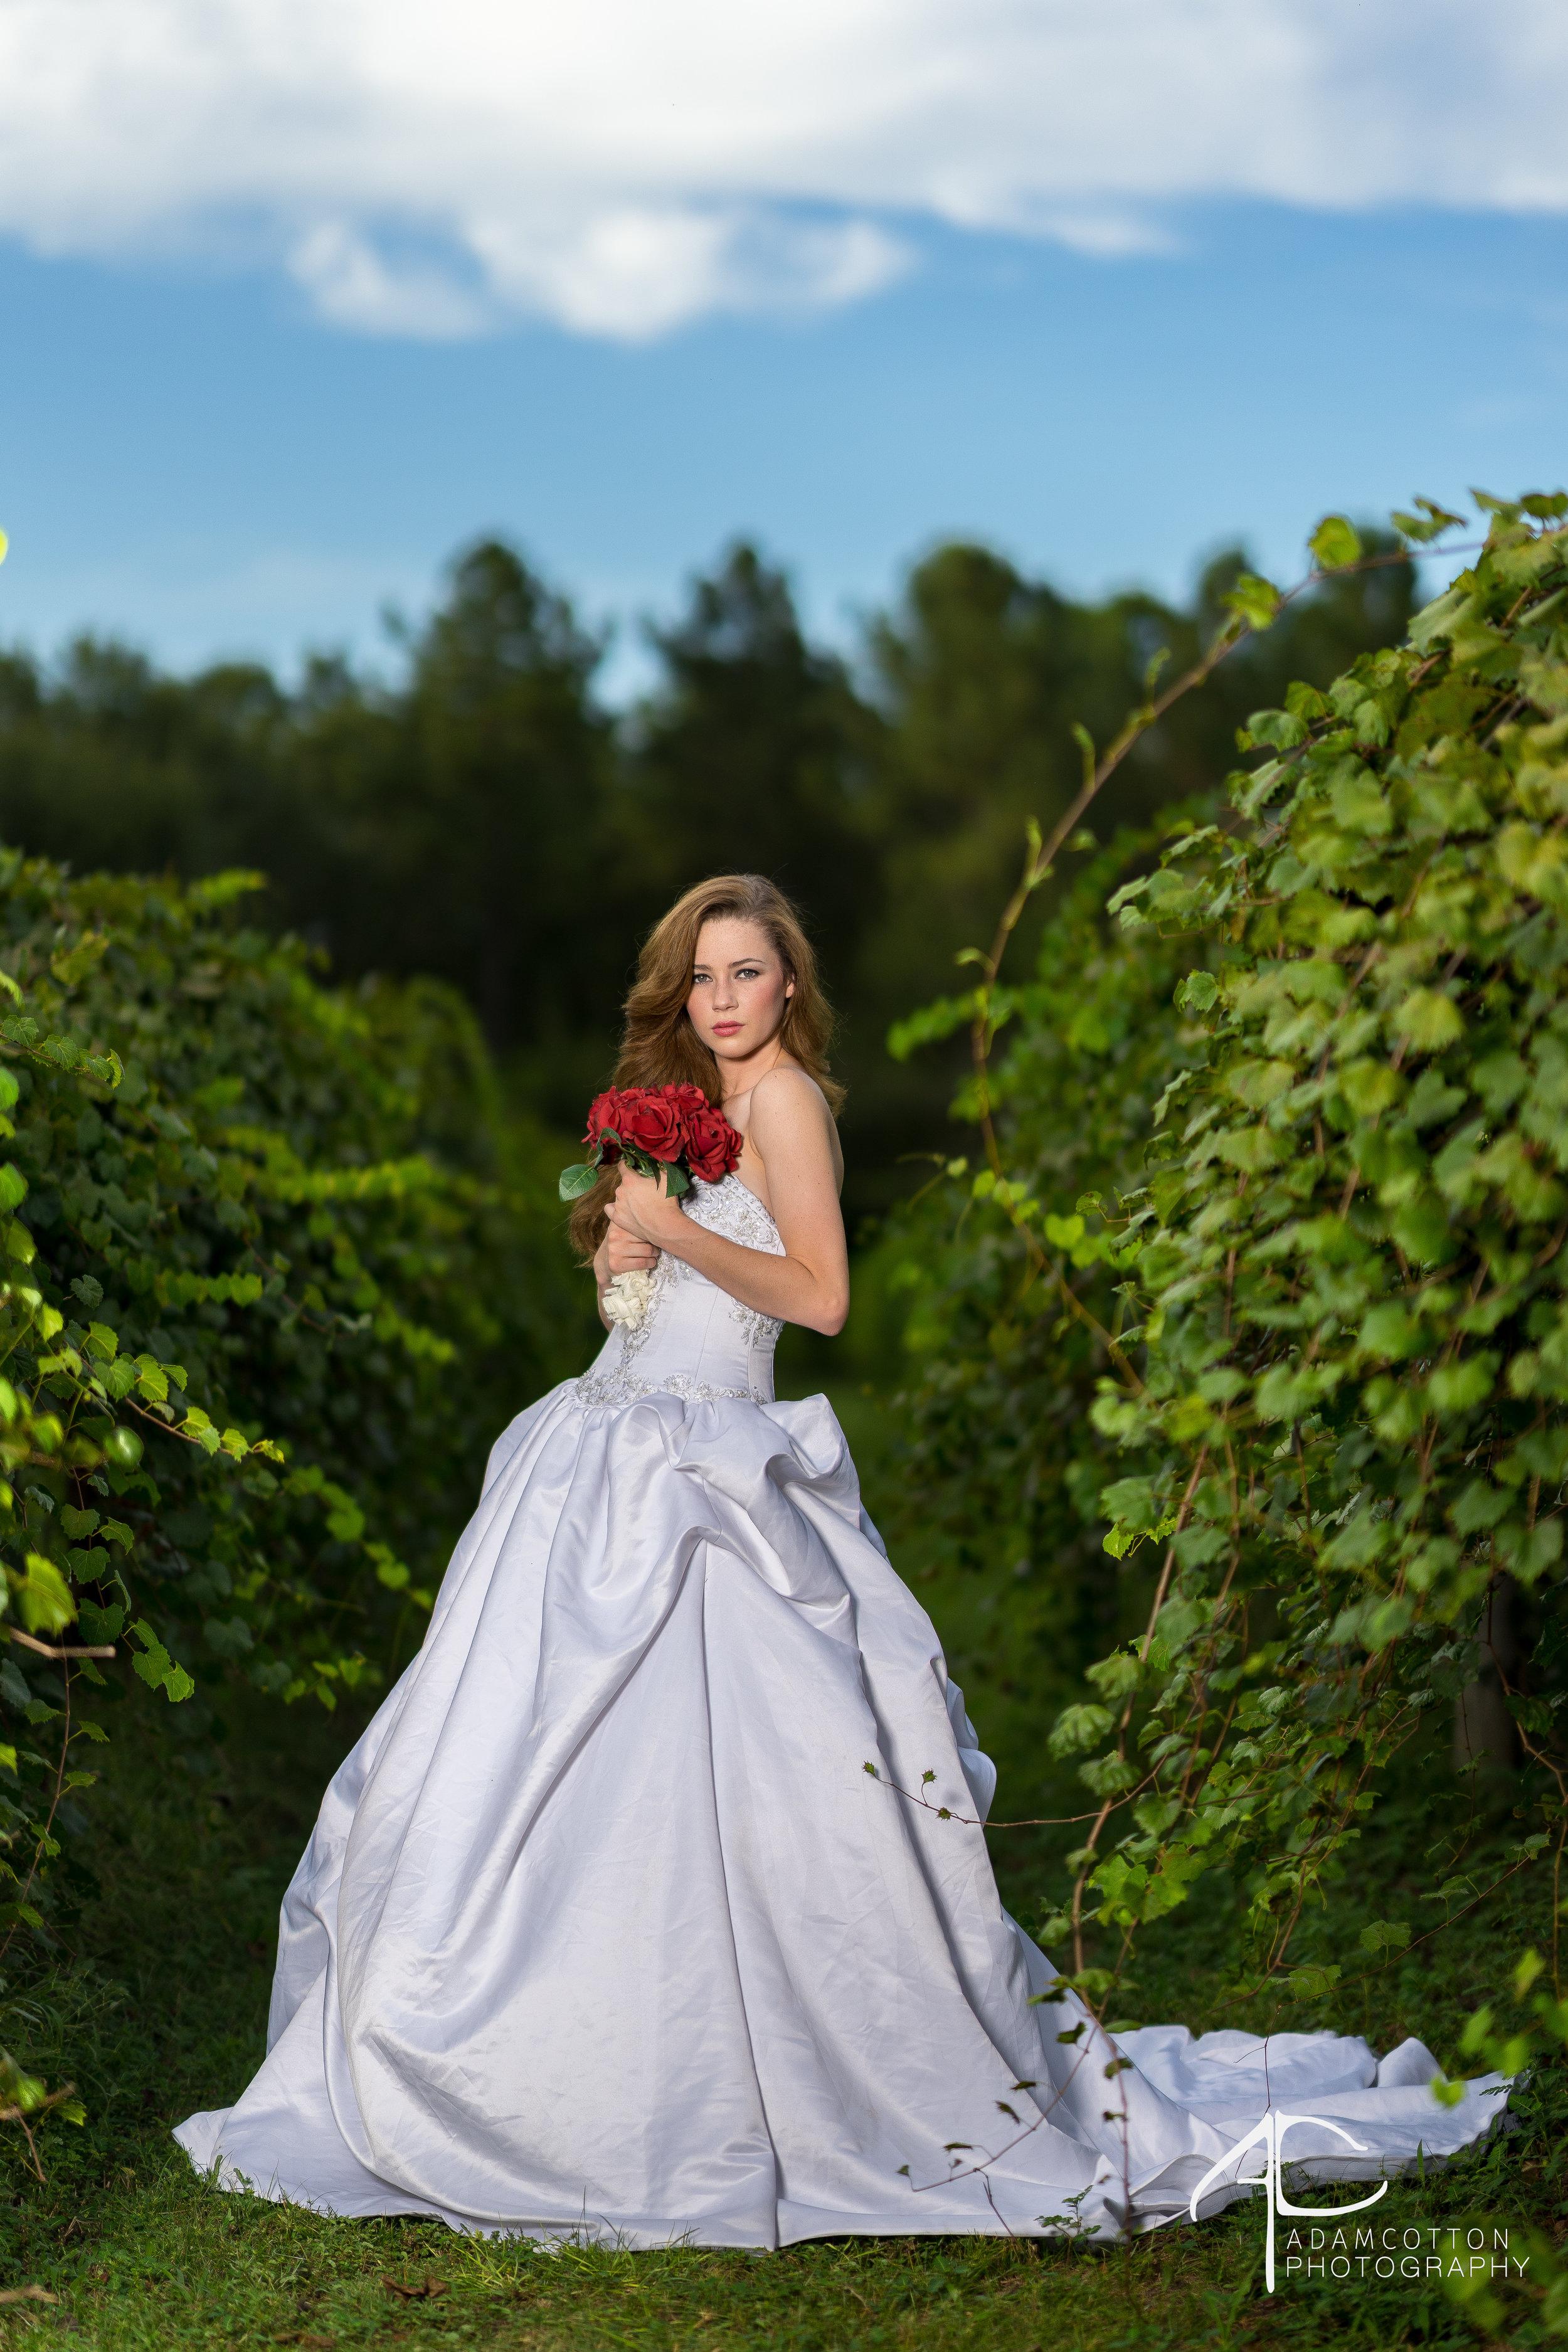 Vineyard shoot,Sony A7II, Monolight w/ beauty dish, 85 GM